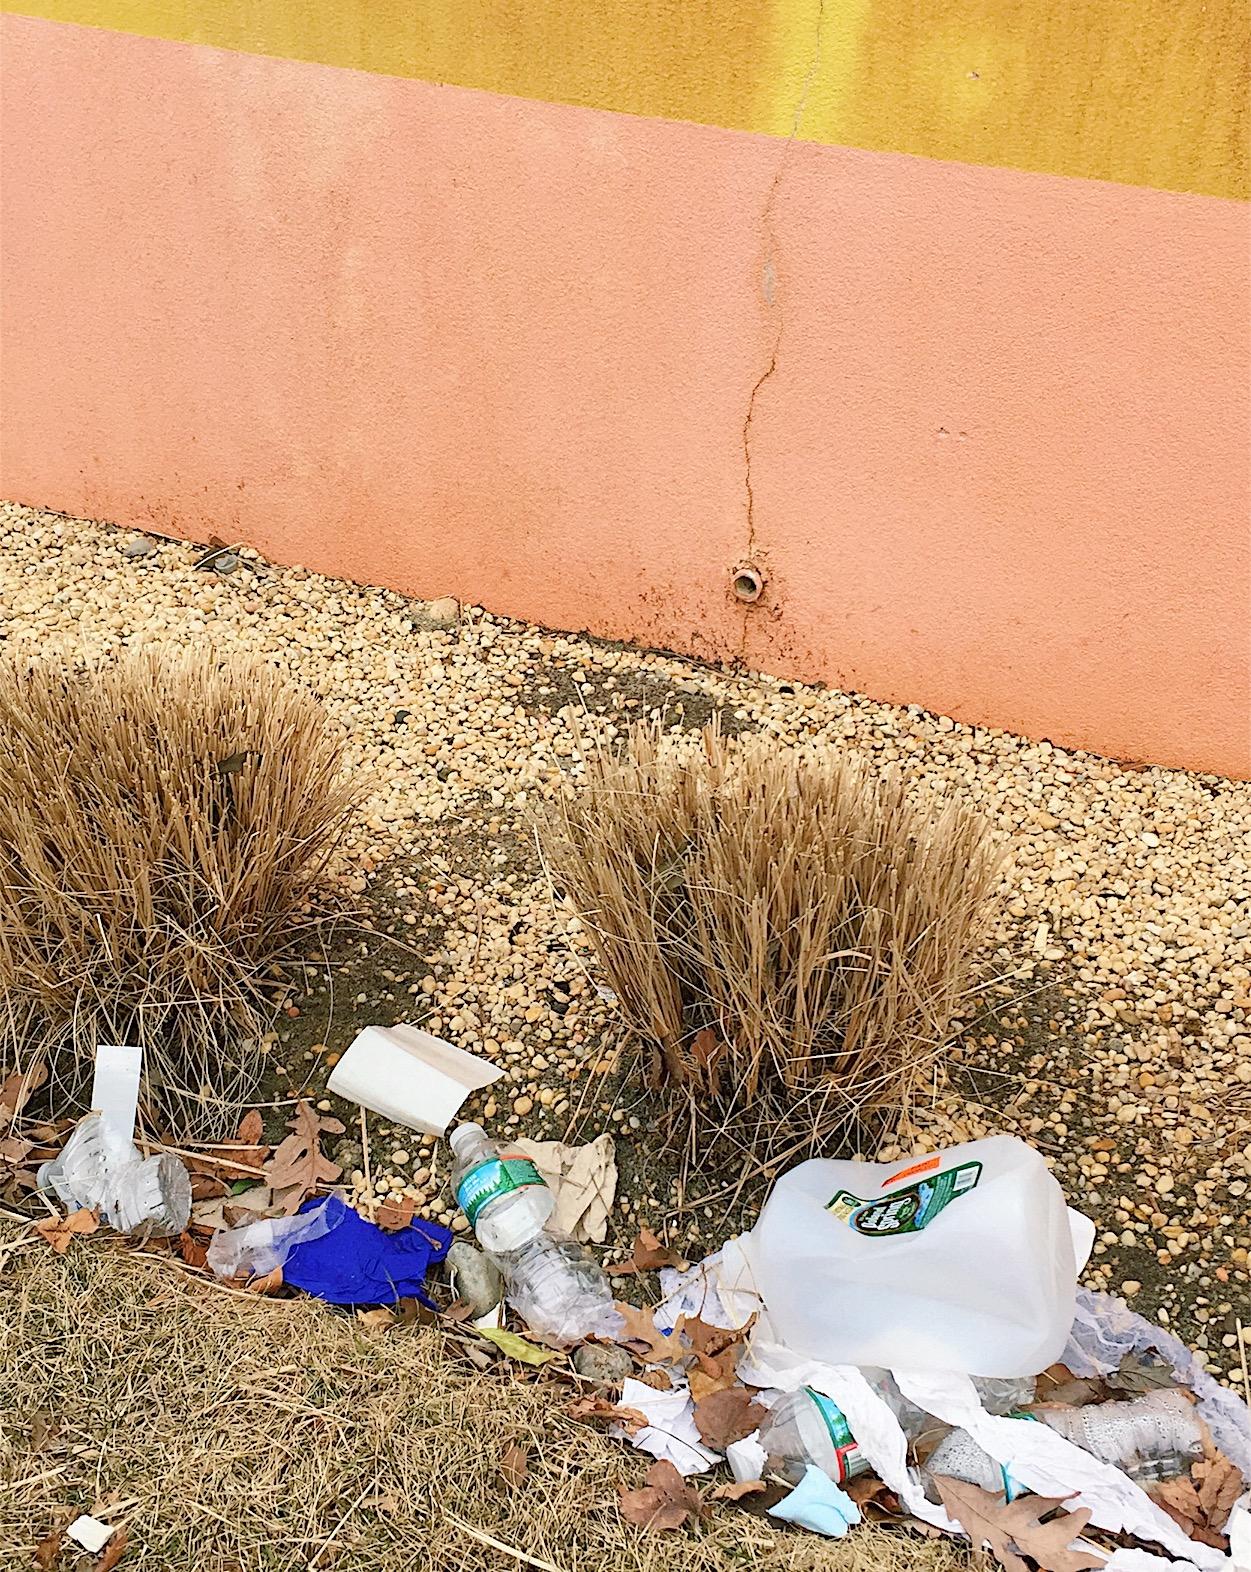 amy_chen_design_surfrider_asbury_park_new_jersey_beach_clean_sidewalk.jpeg